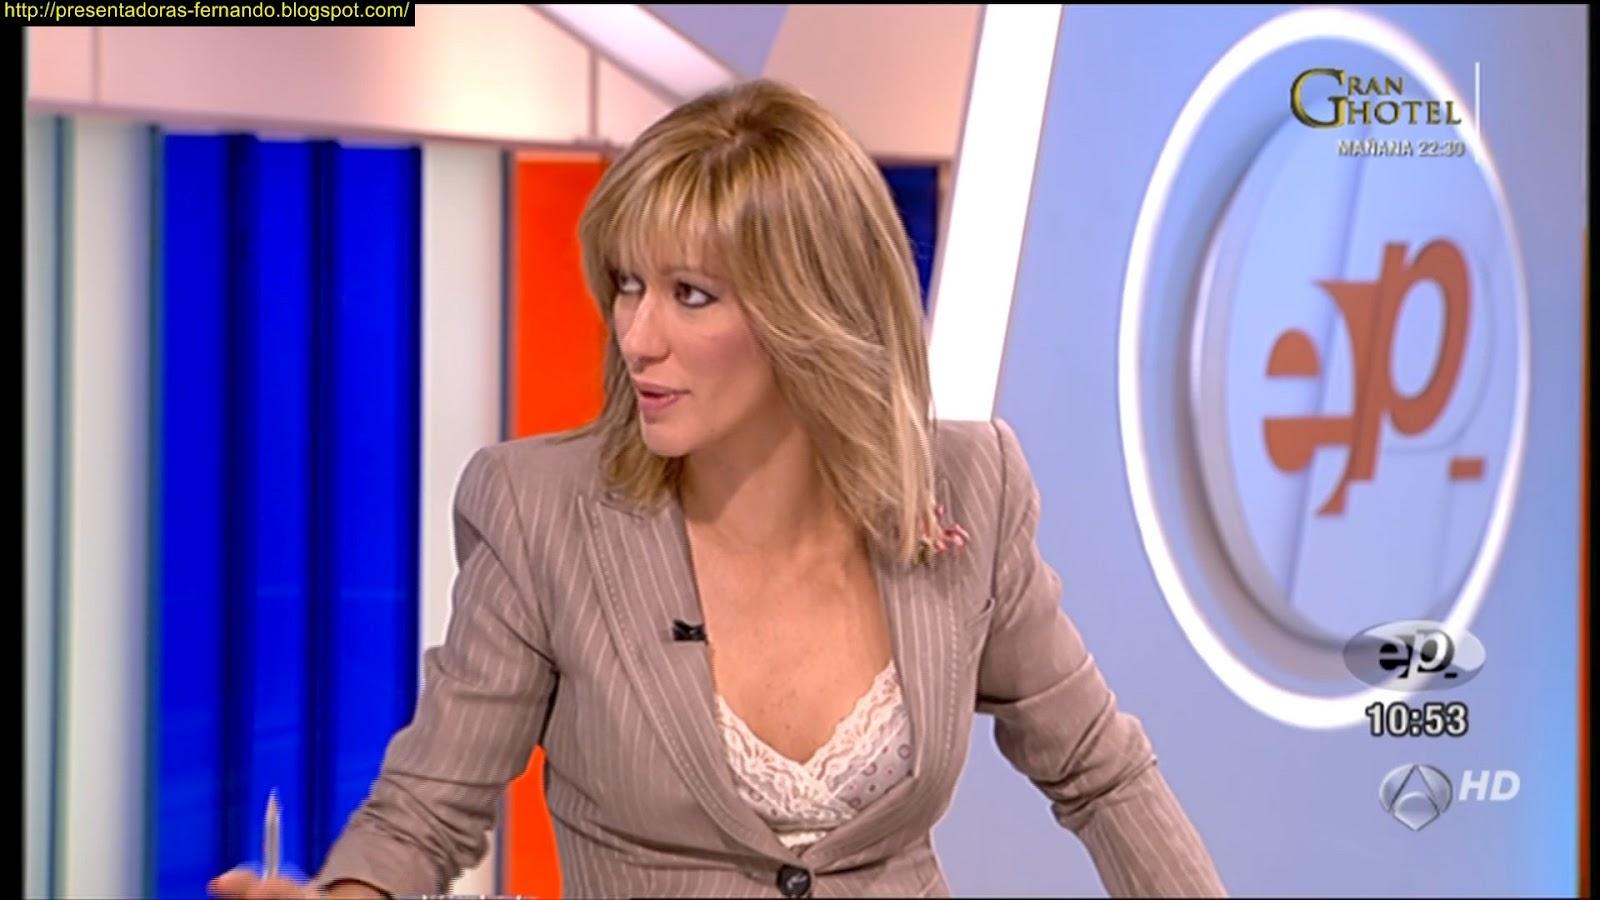 Presentadoras fernando susana griso espejo publico 9 10 2012 for Espejo publico verano